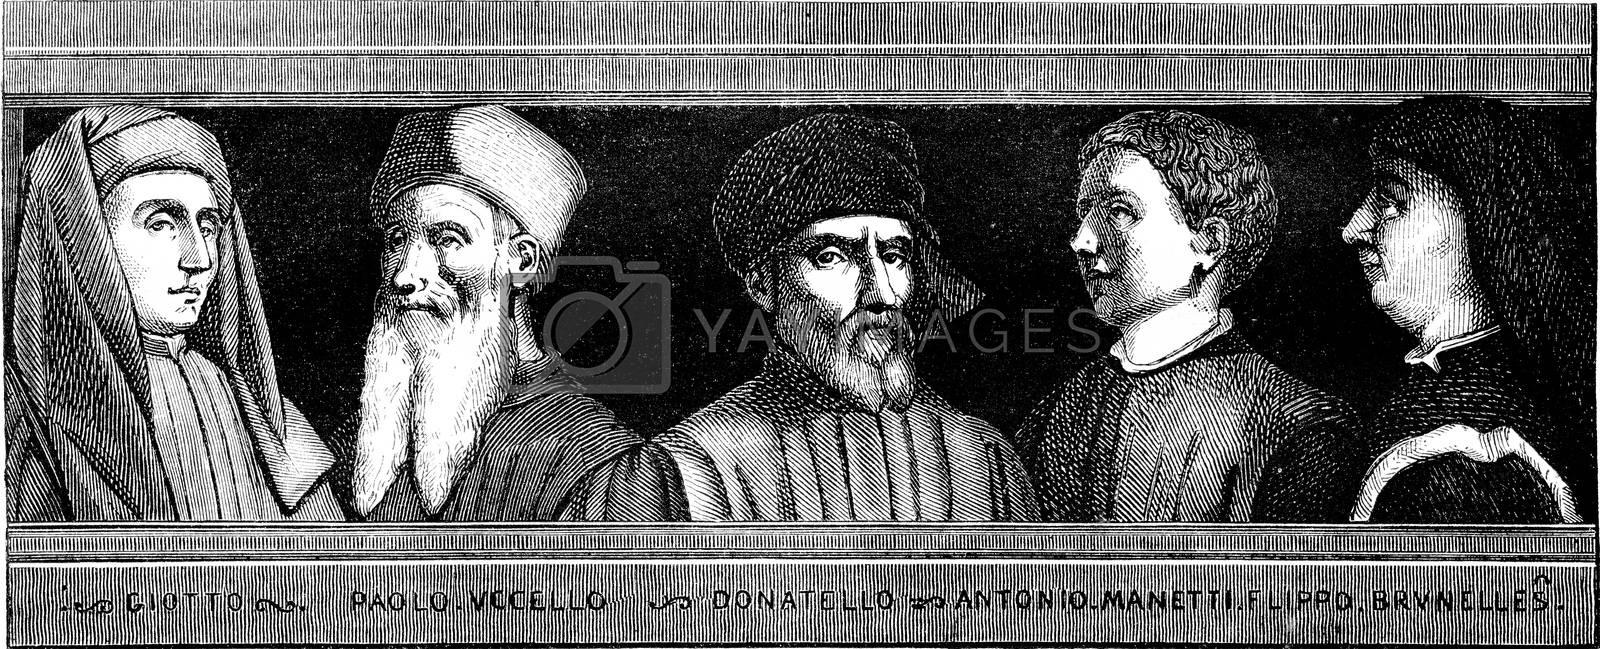 Giotto, Paolo Uccello, Donatello, Antonio Manetti, Filippo Brunelleschi, vintage engraved illustration. Magasin Pittoresque 1852.